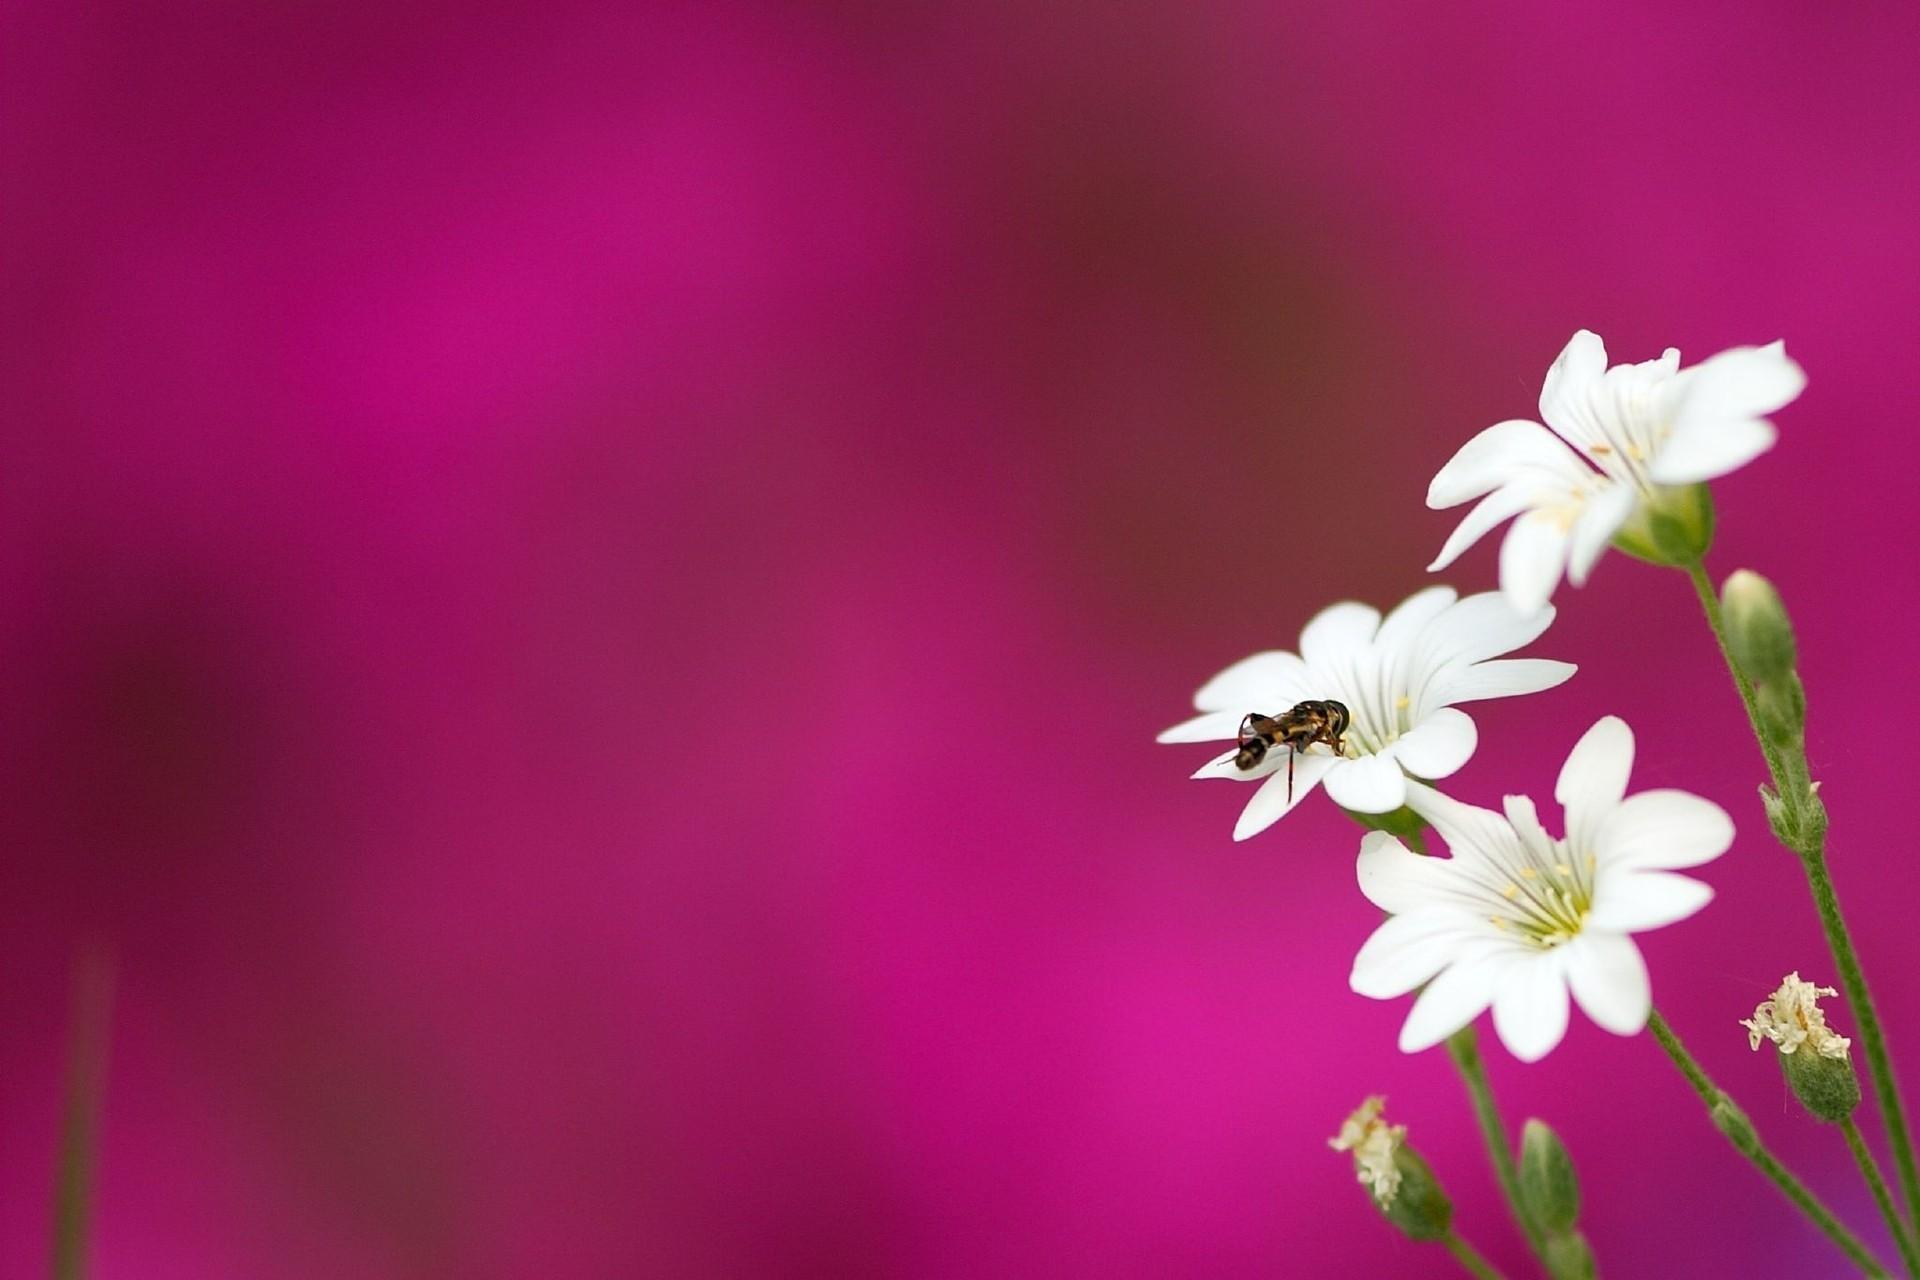 пчела цветы розовые flowers pink bee  № 910833 без смс